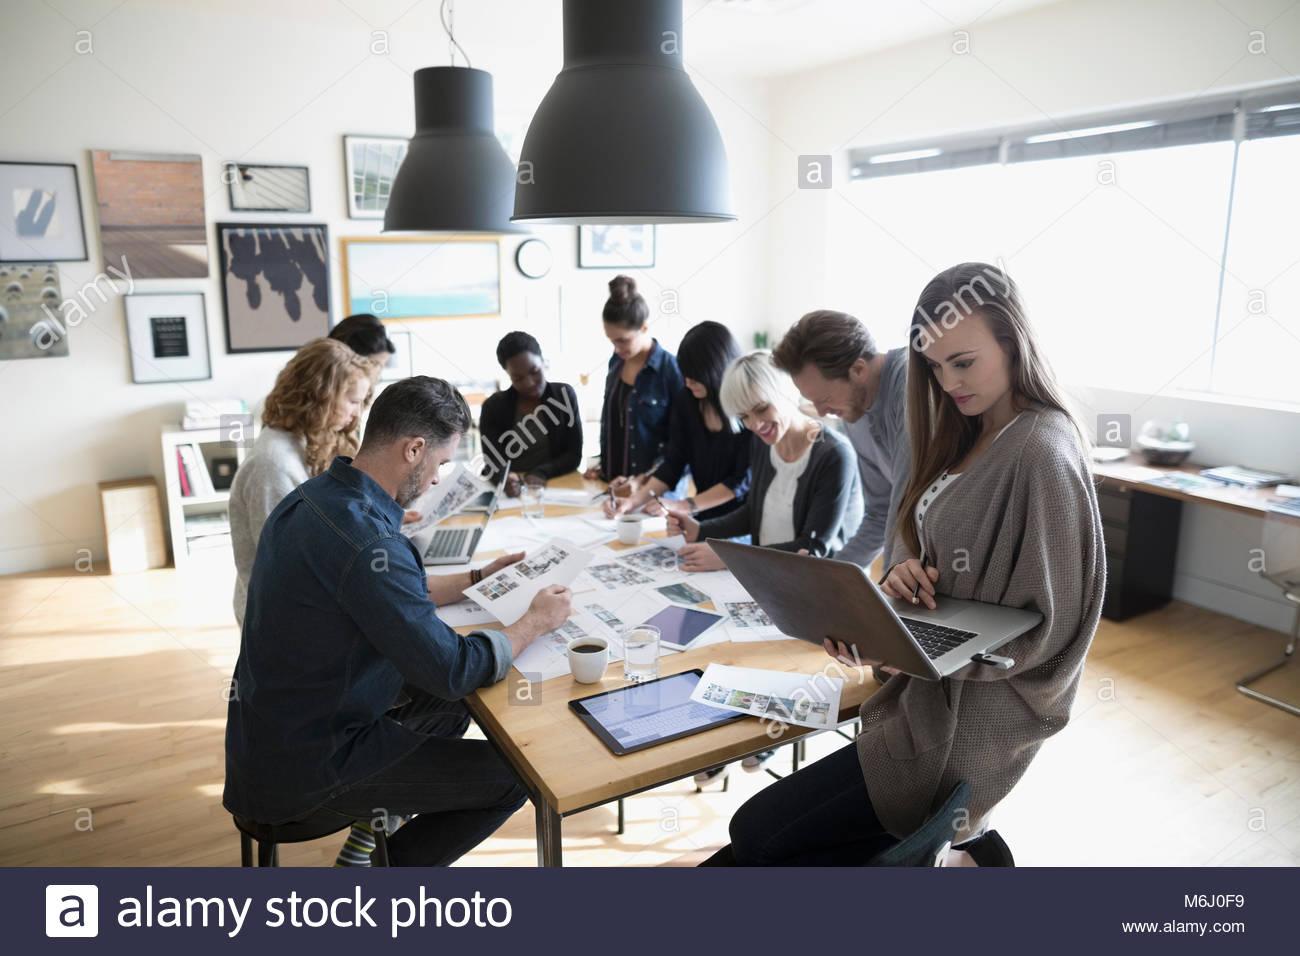 El equipo de producción de revisar foto pruebas en reunión de oficina Imagen De Stock